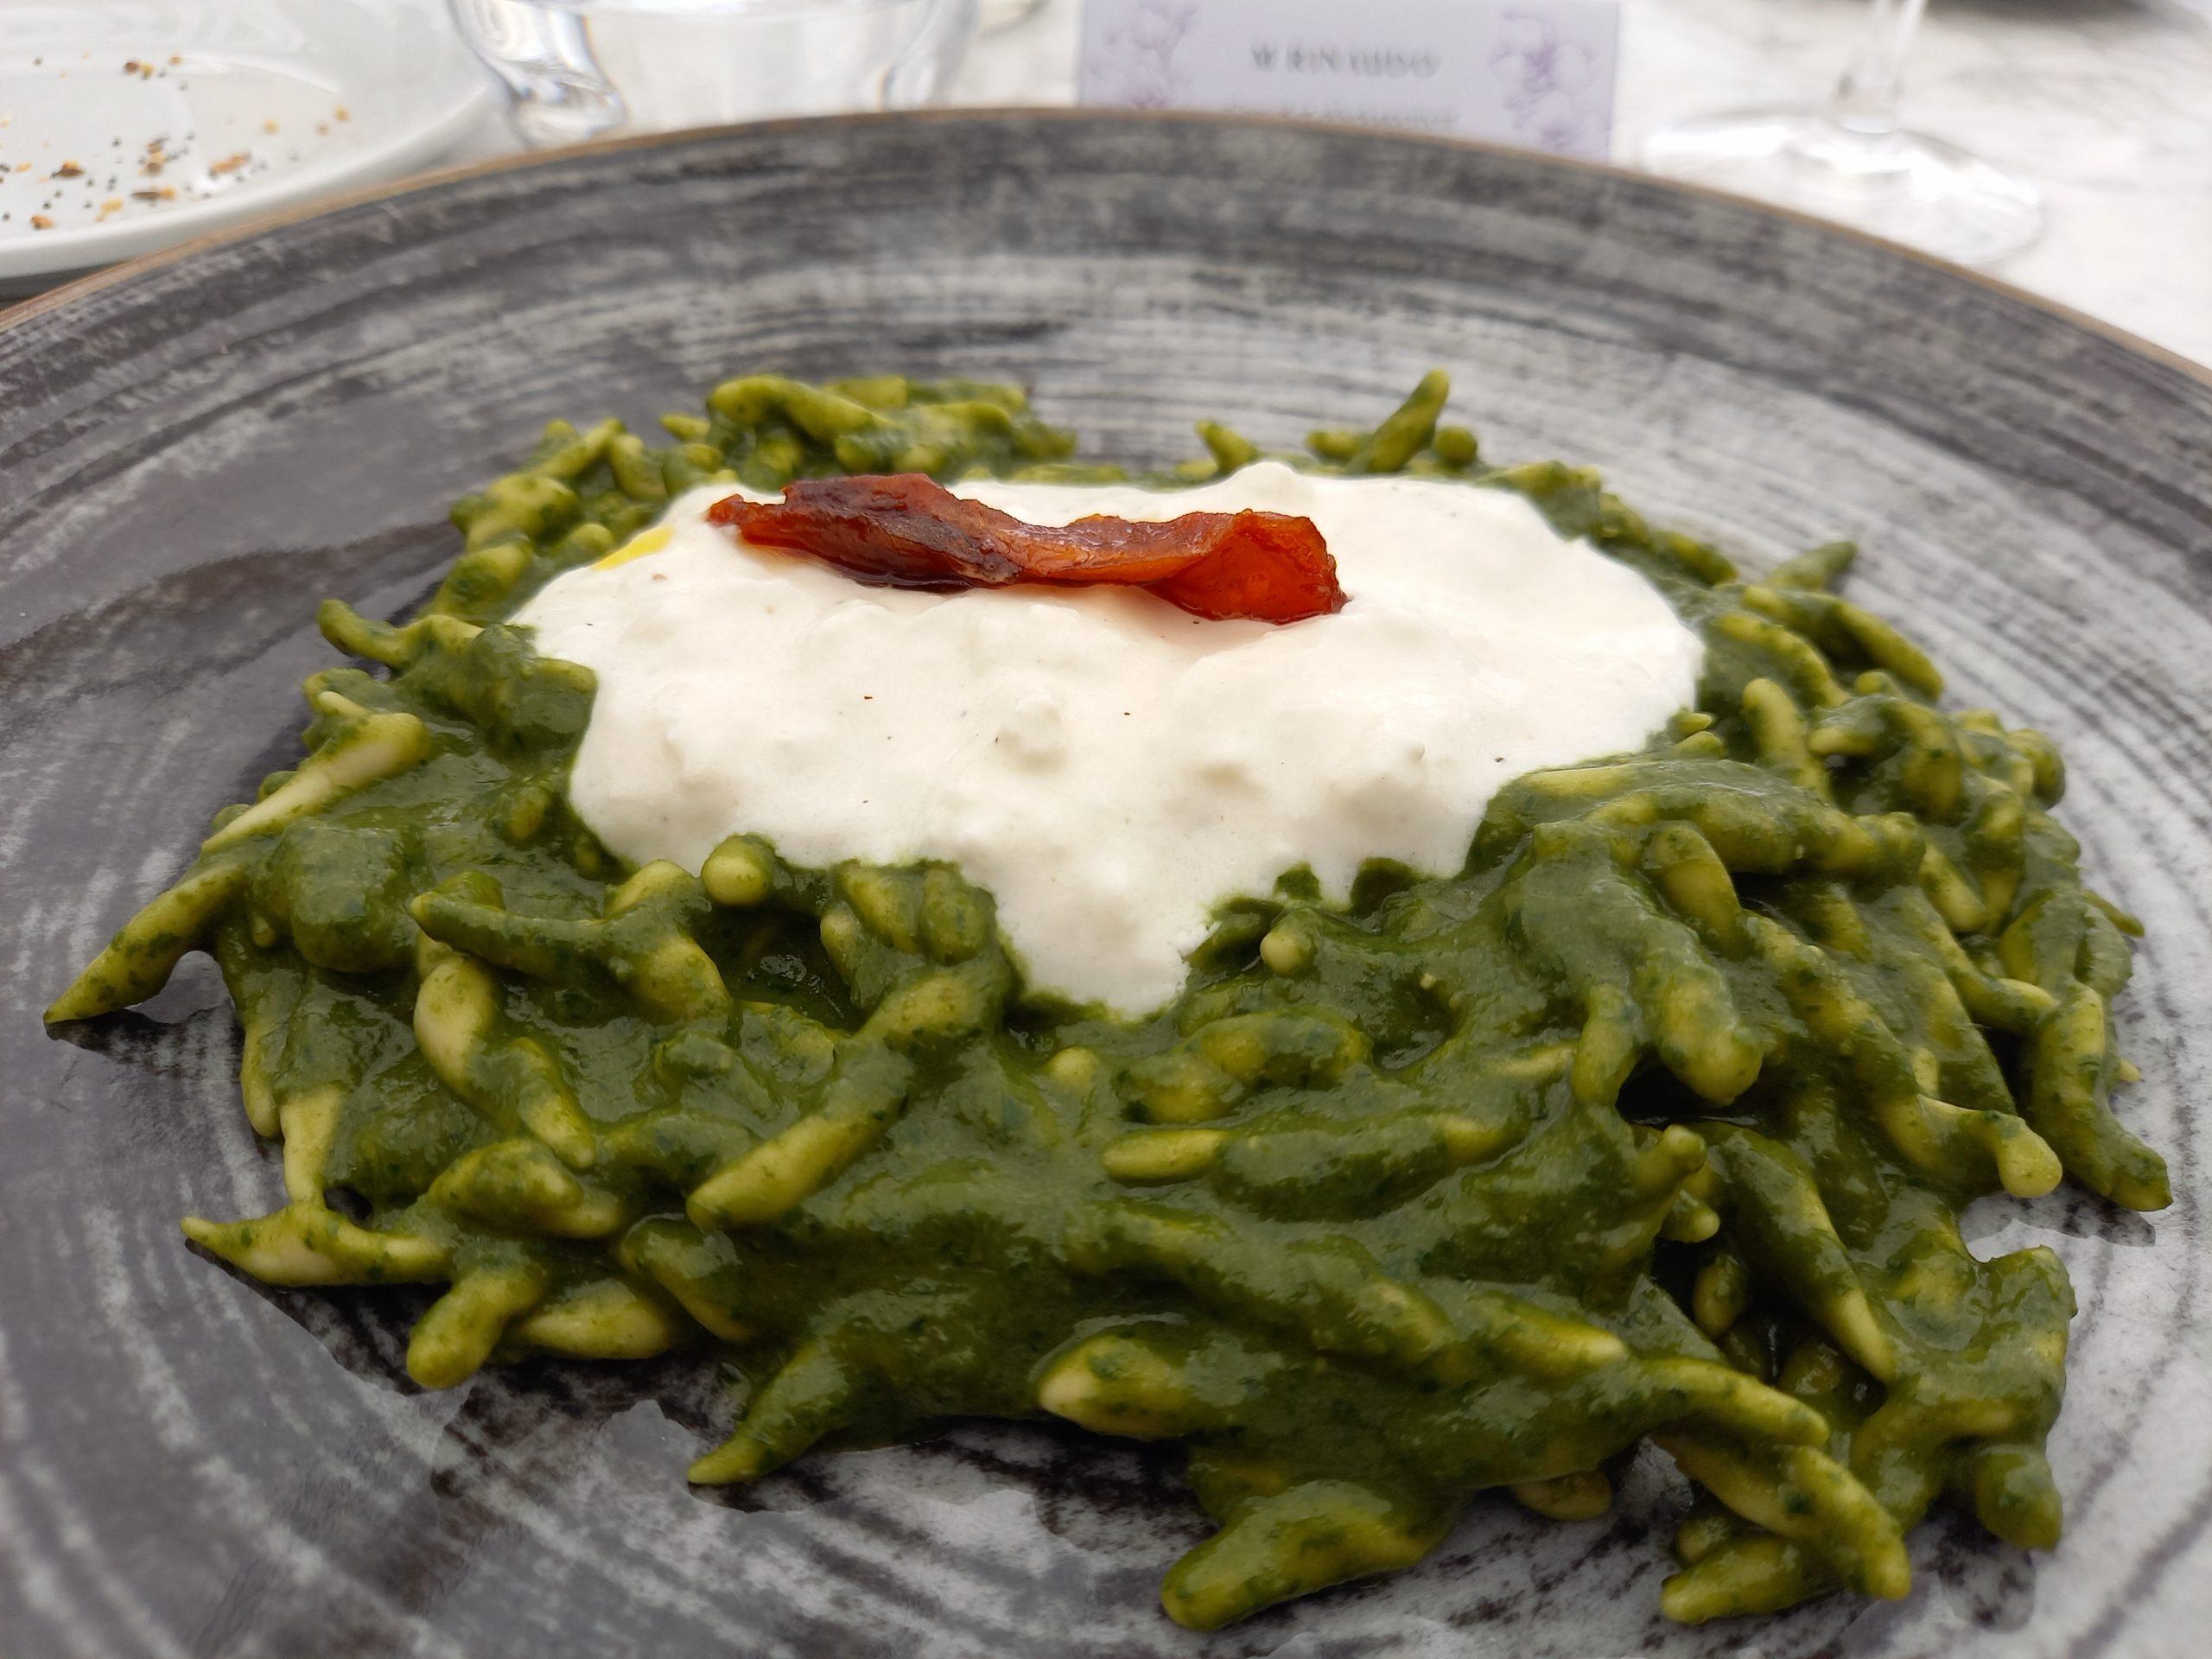 I sapori e i profumi della Riviera dei Fiori nello show cooking con Chef Roberto Verta